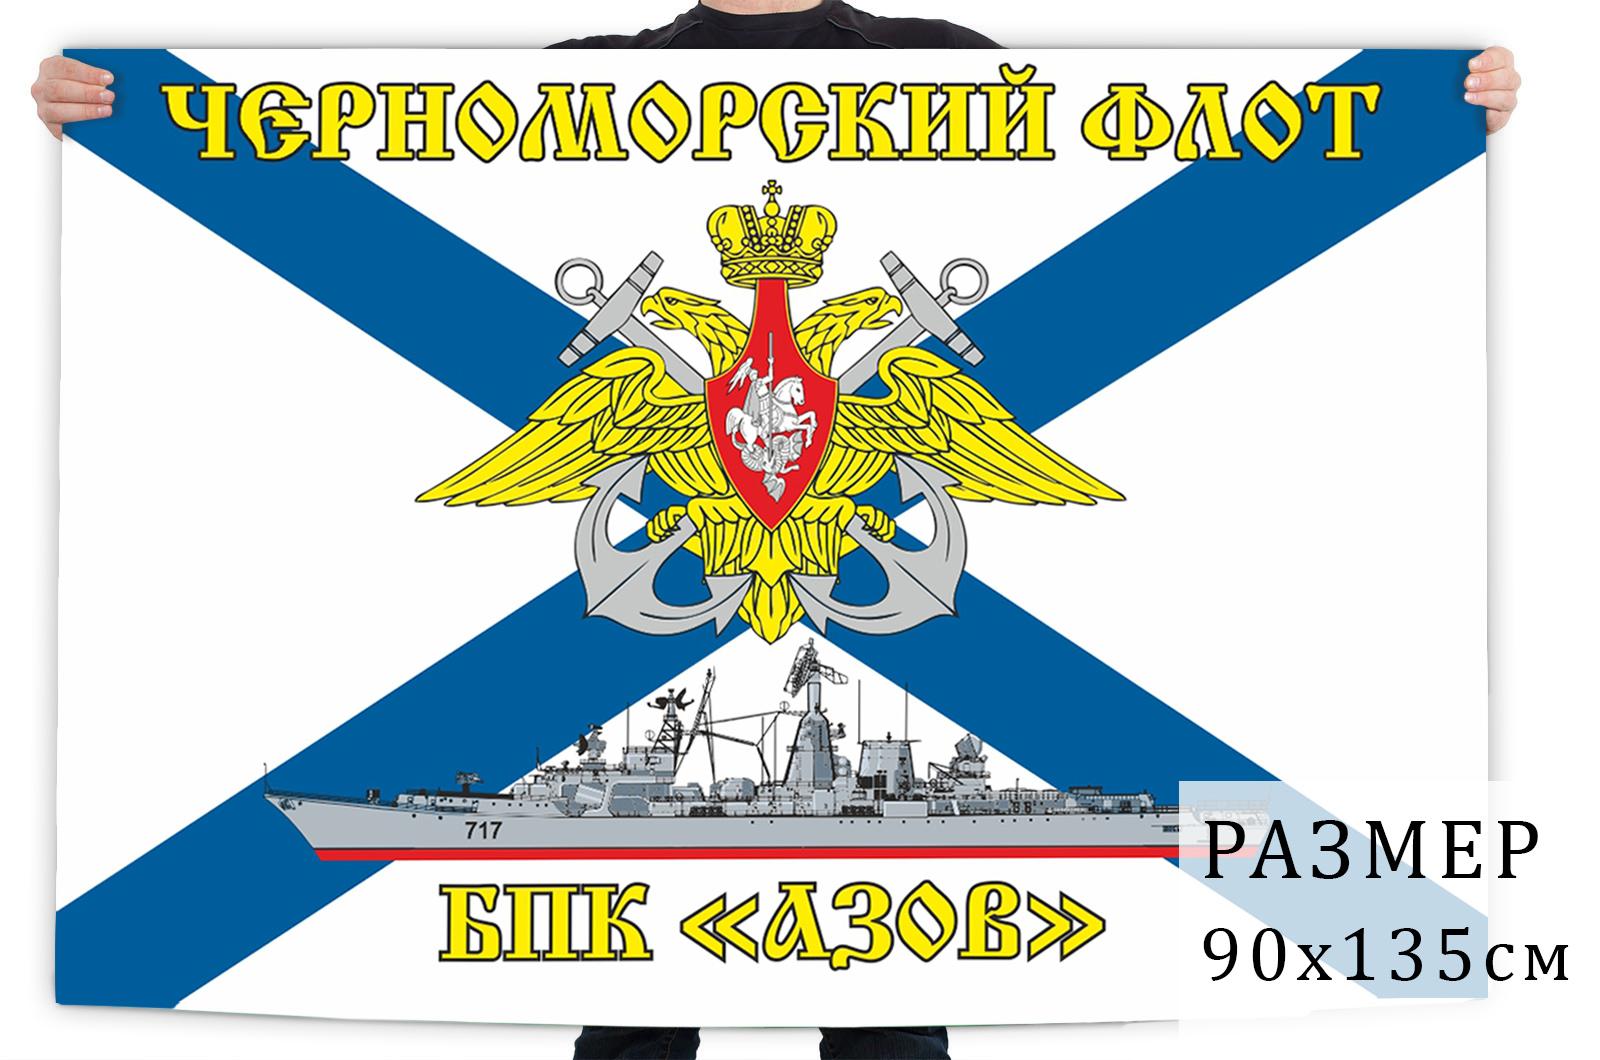 Флаг ВМФ БПК Азов